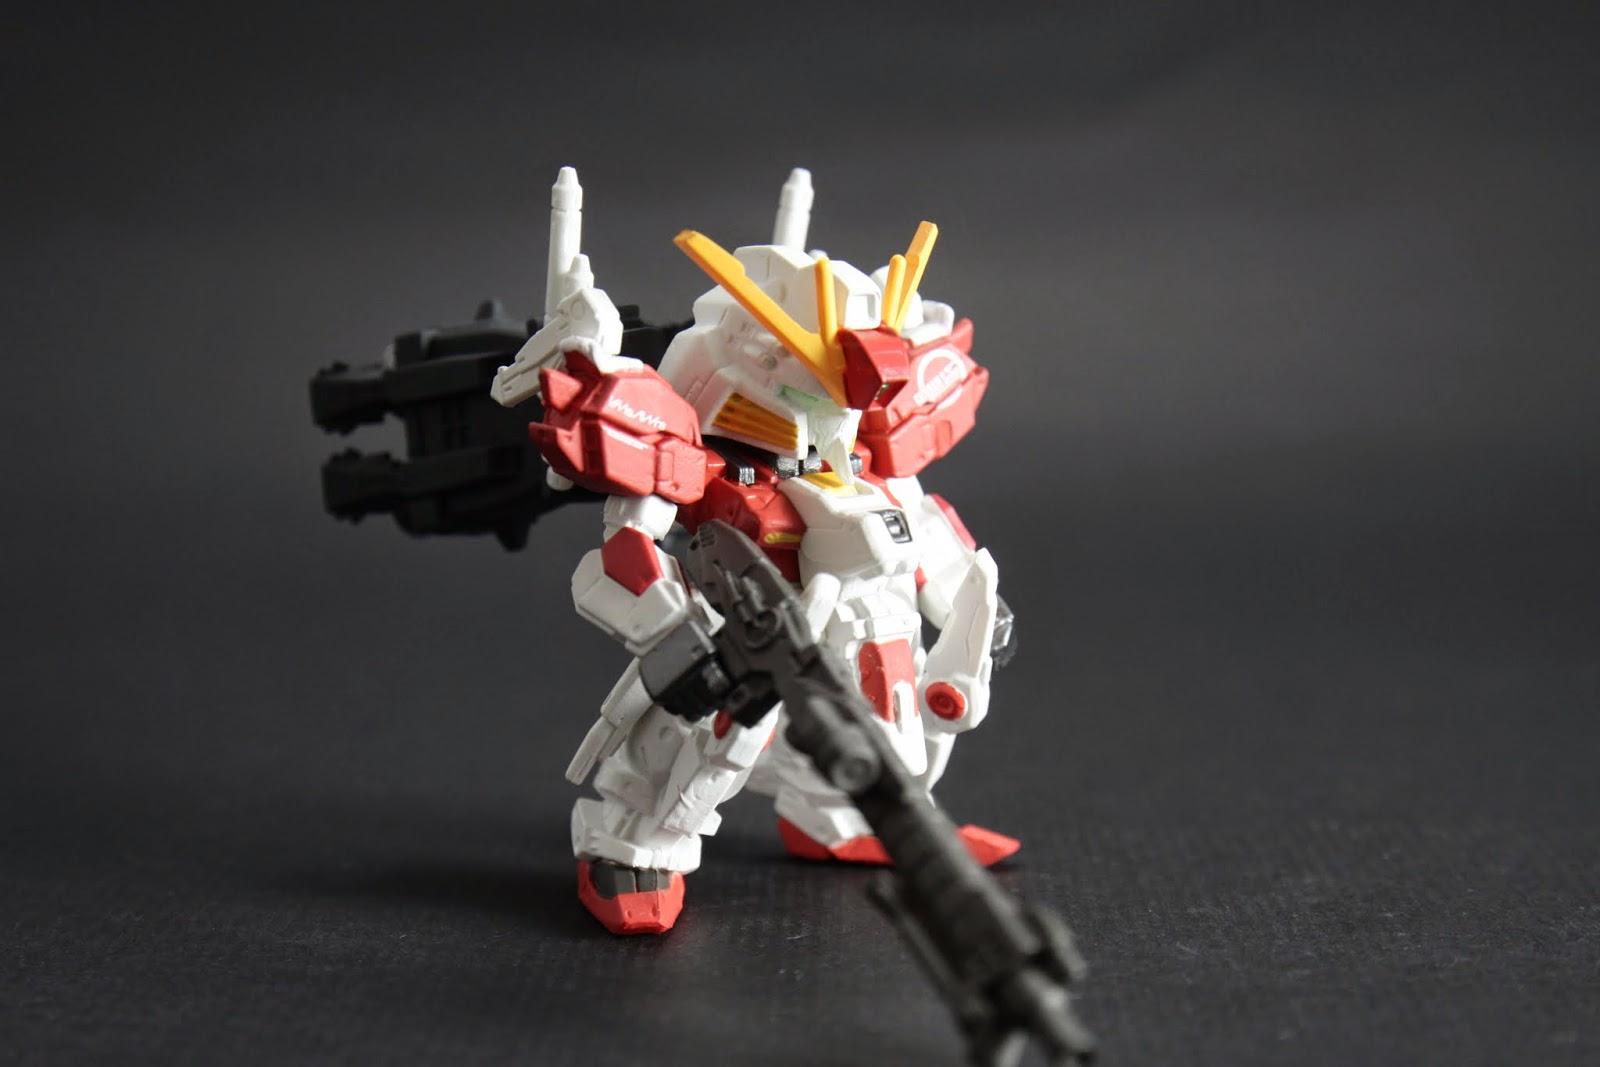 本體是Ex S Gundam 是前面有介紹的S Gundam的強化型